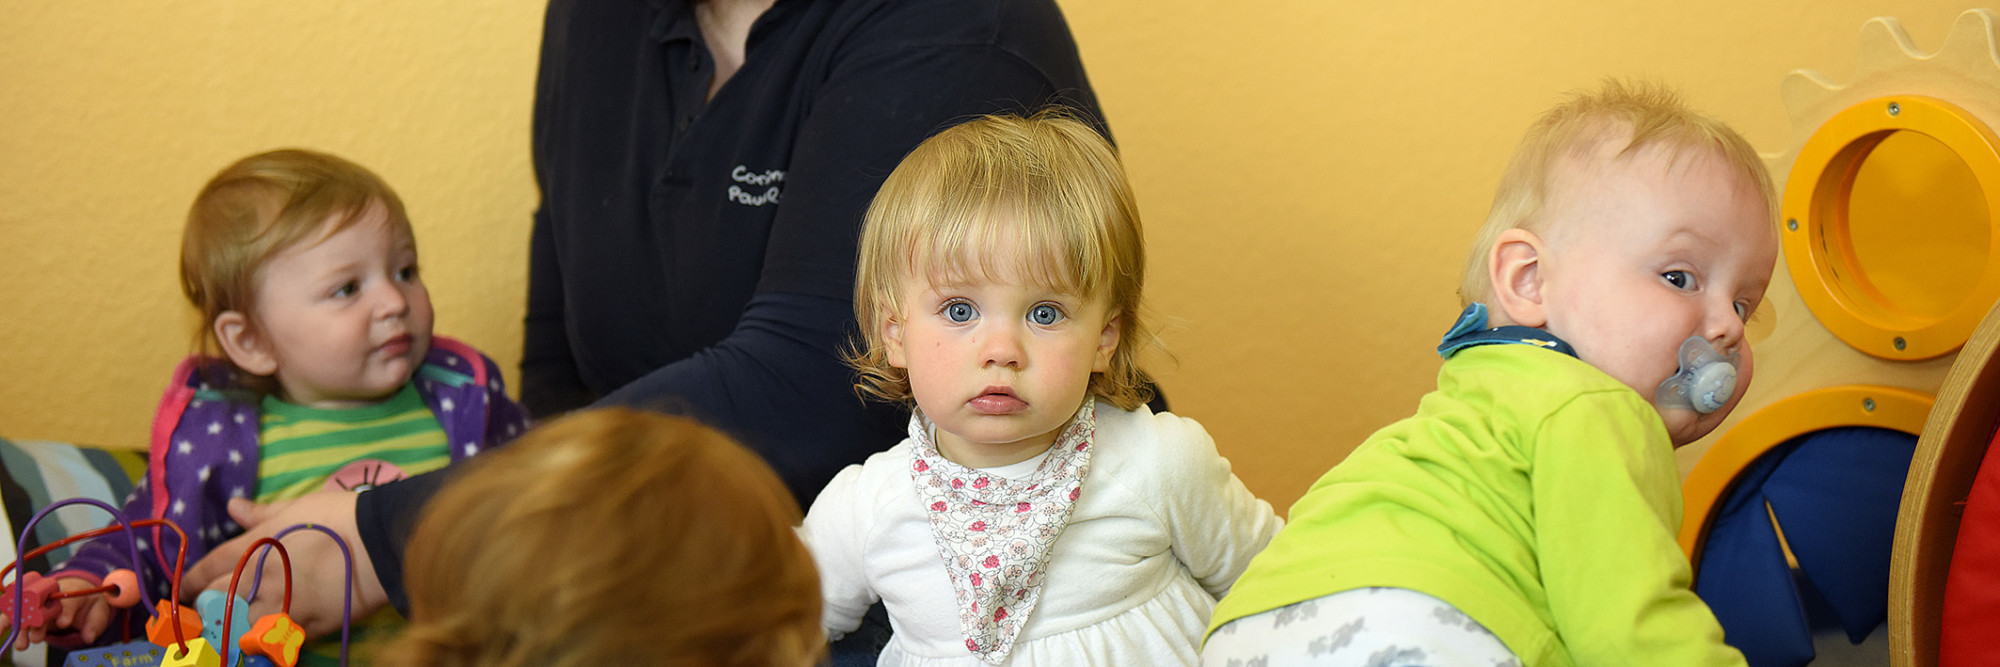 Eine Erzieherin kümmert sich im Kinderland des Marianne van den Bosch Hauses um eine Gruppe Kleinkinder.